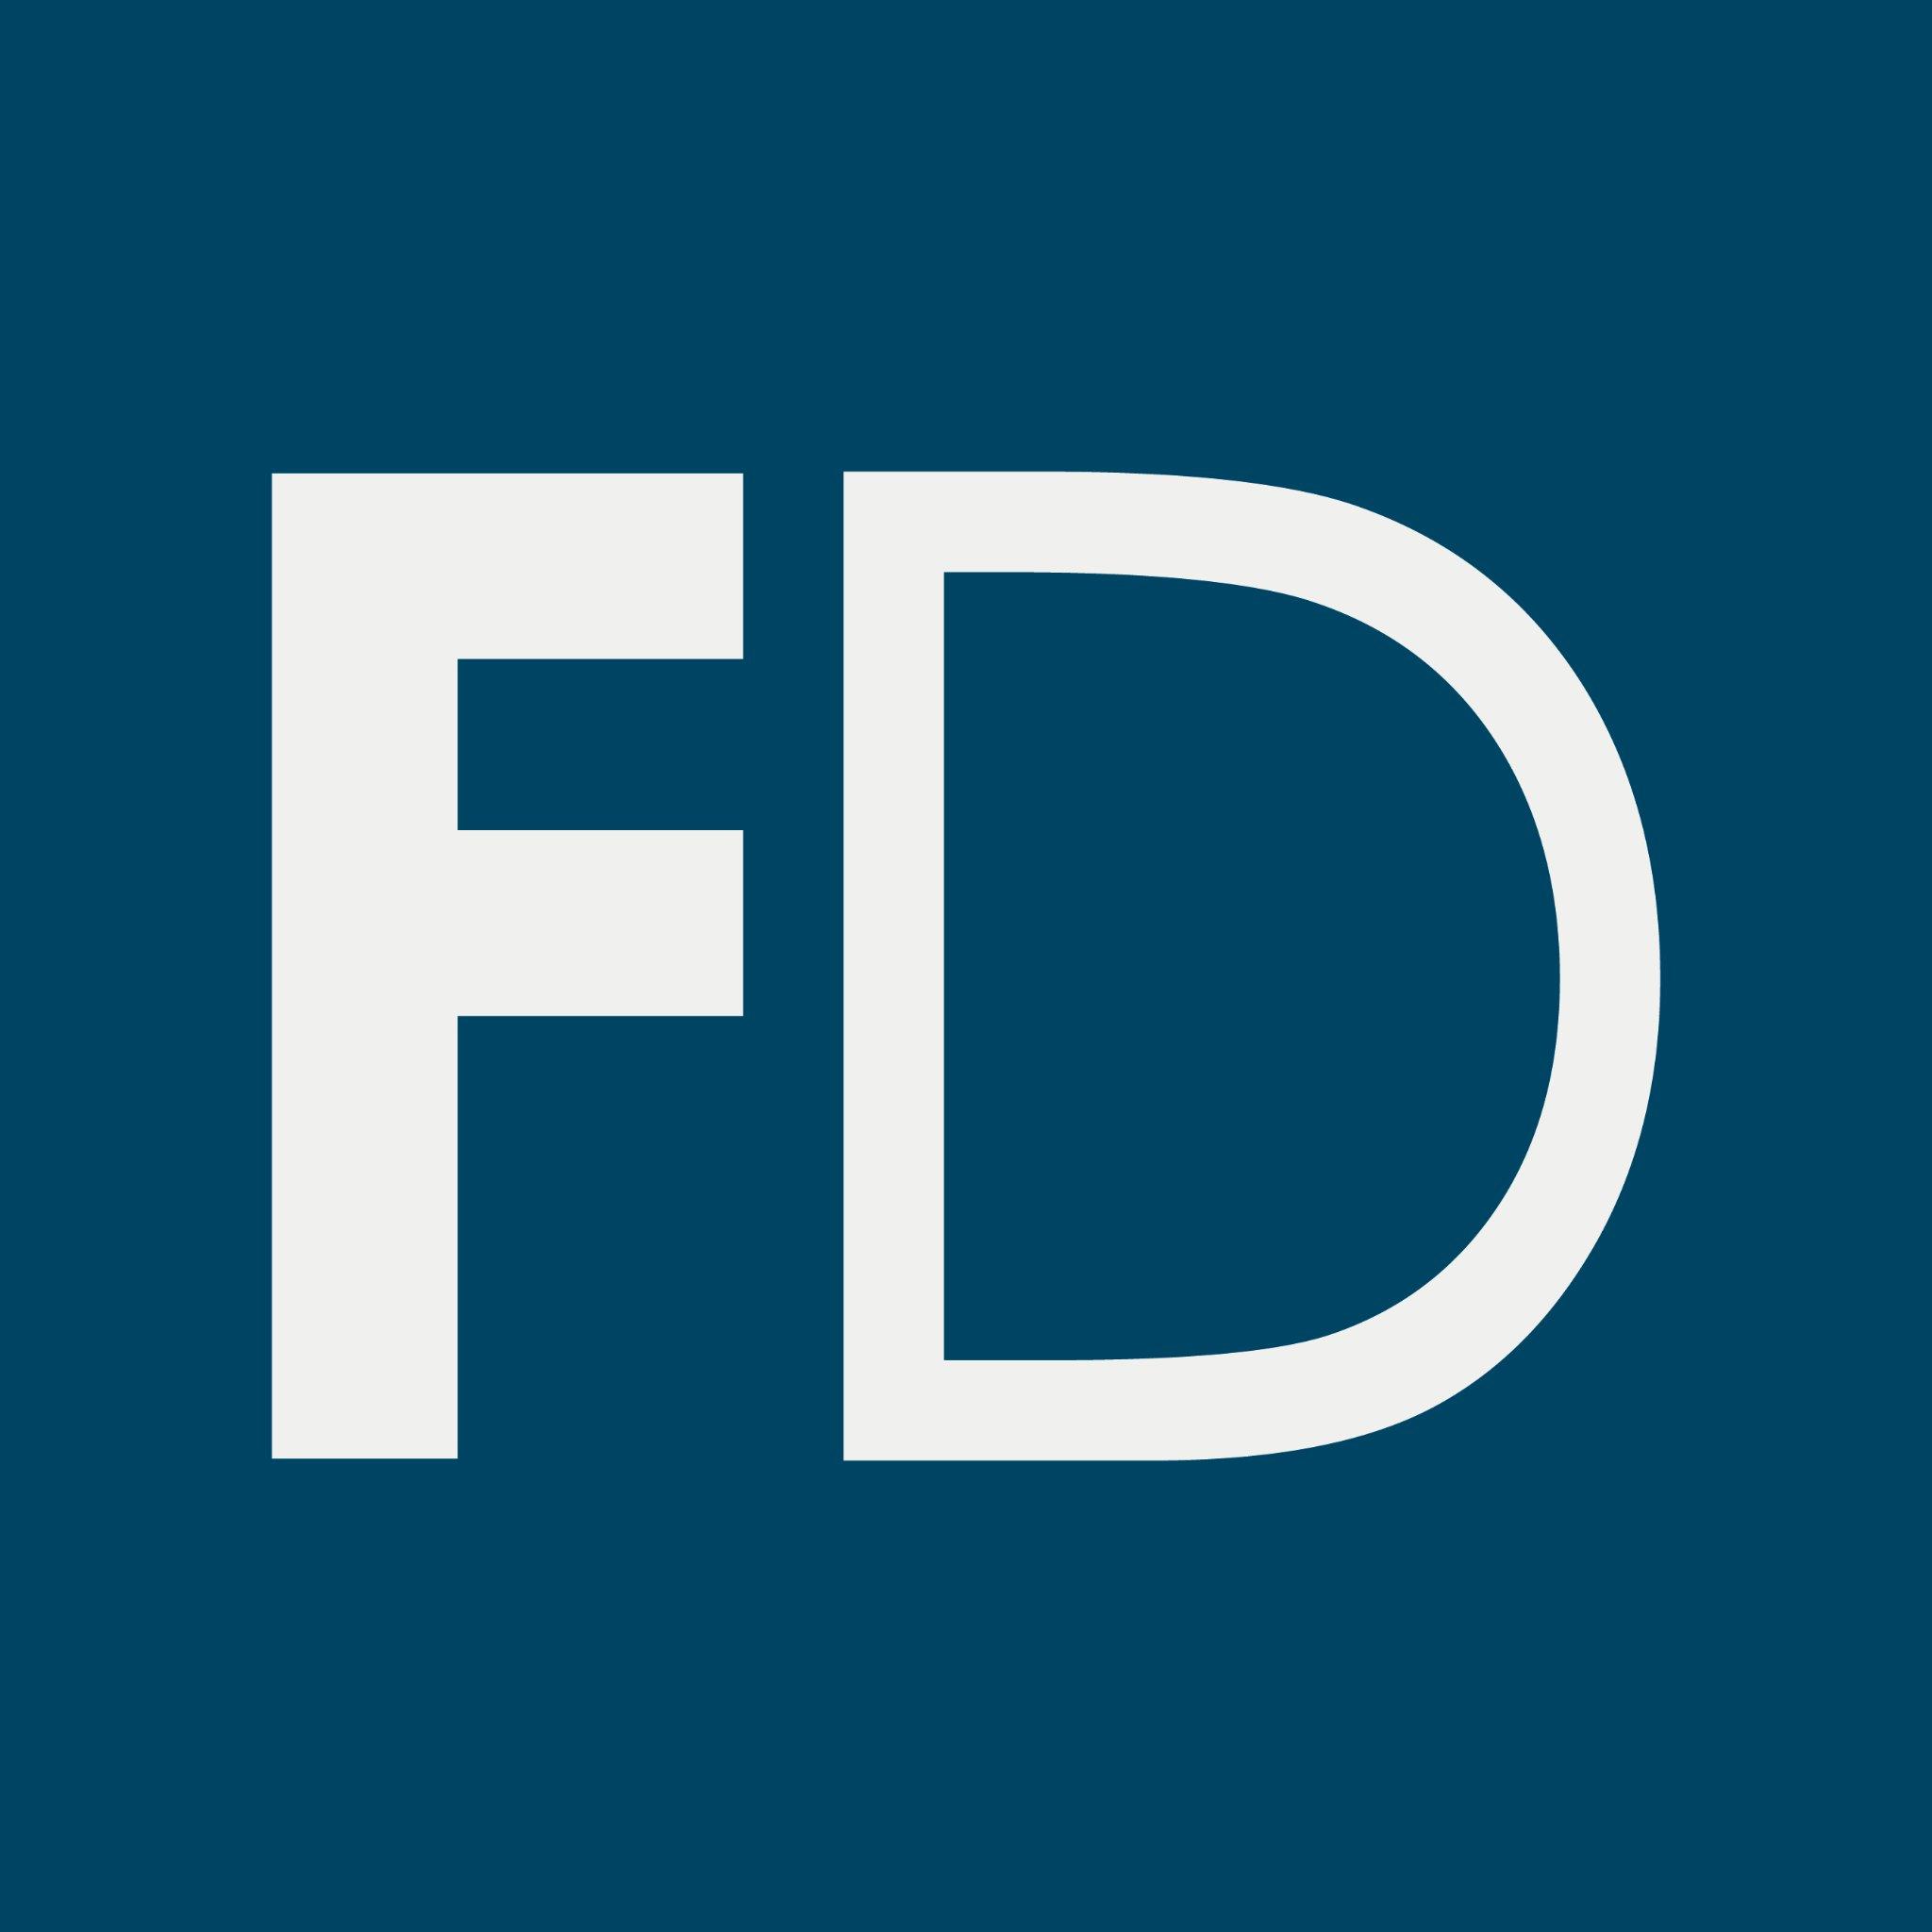 Fintech District on Twitter: